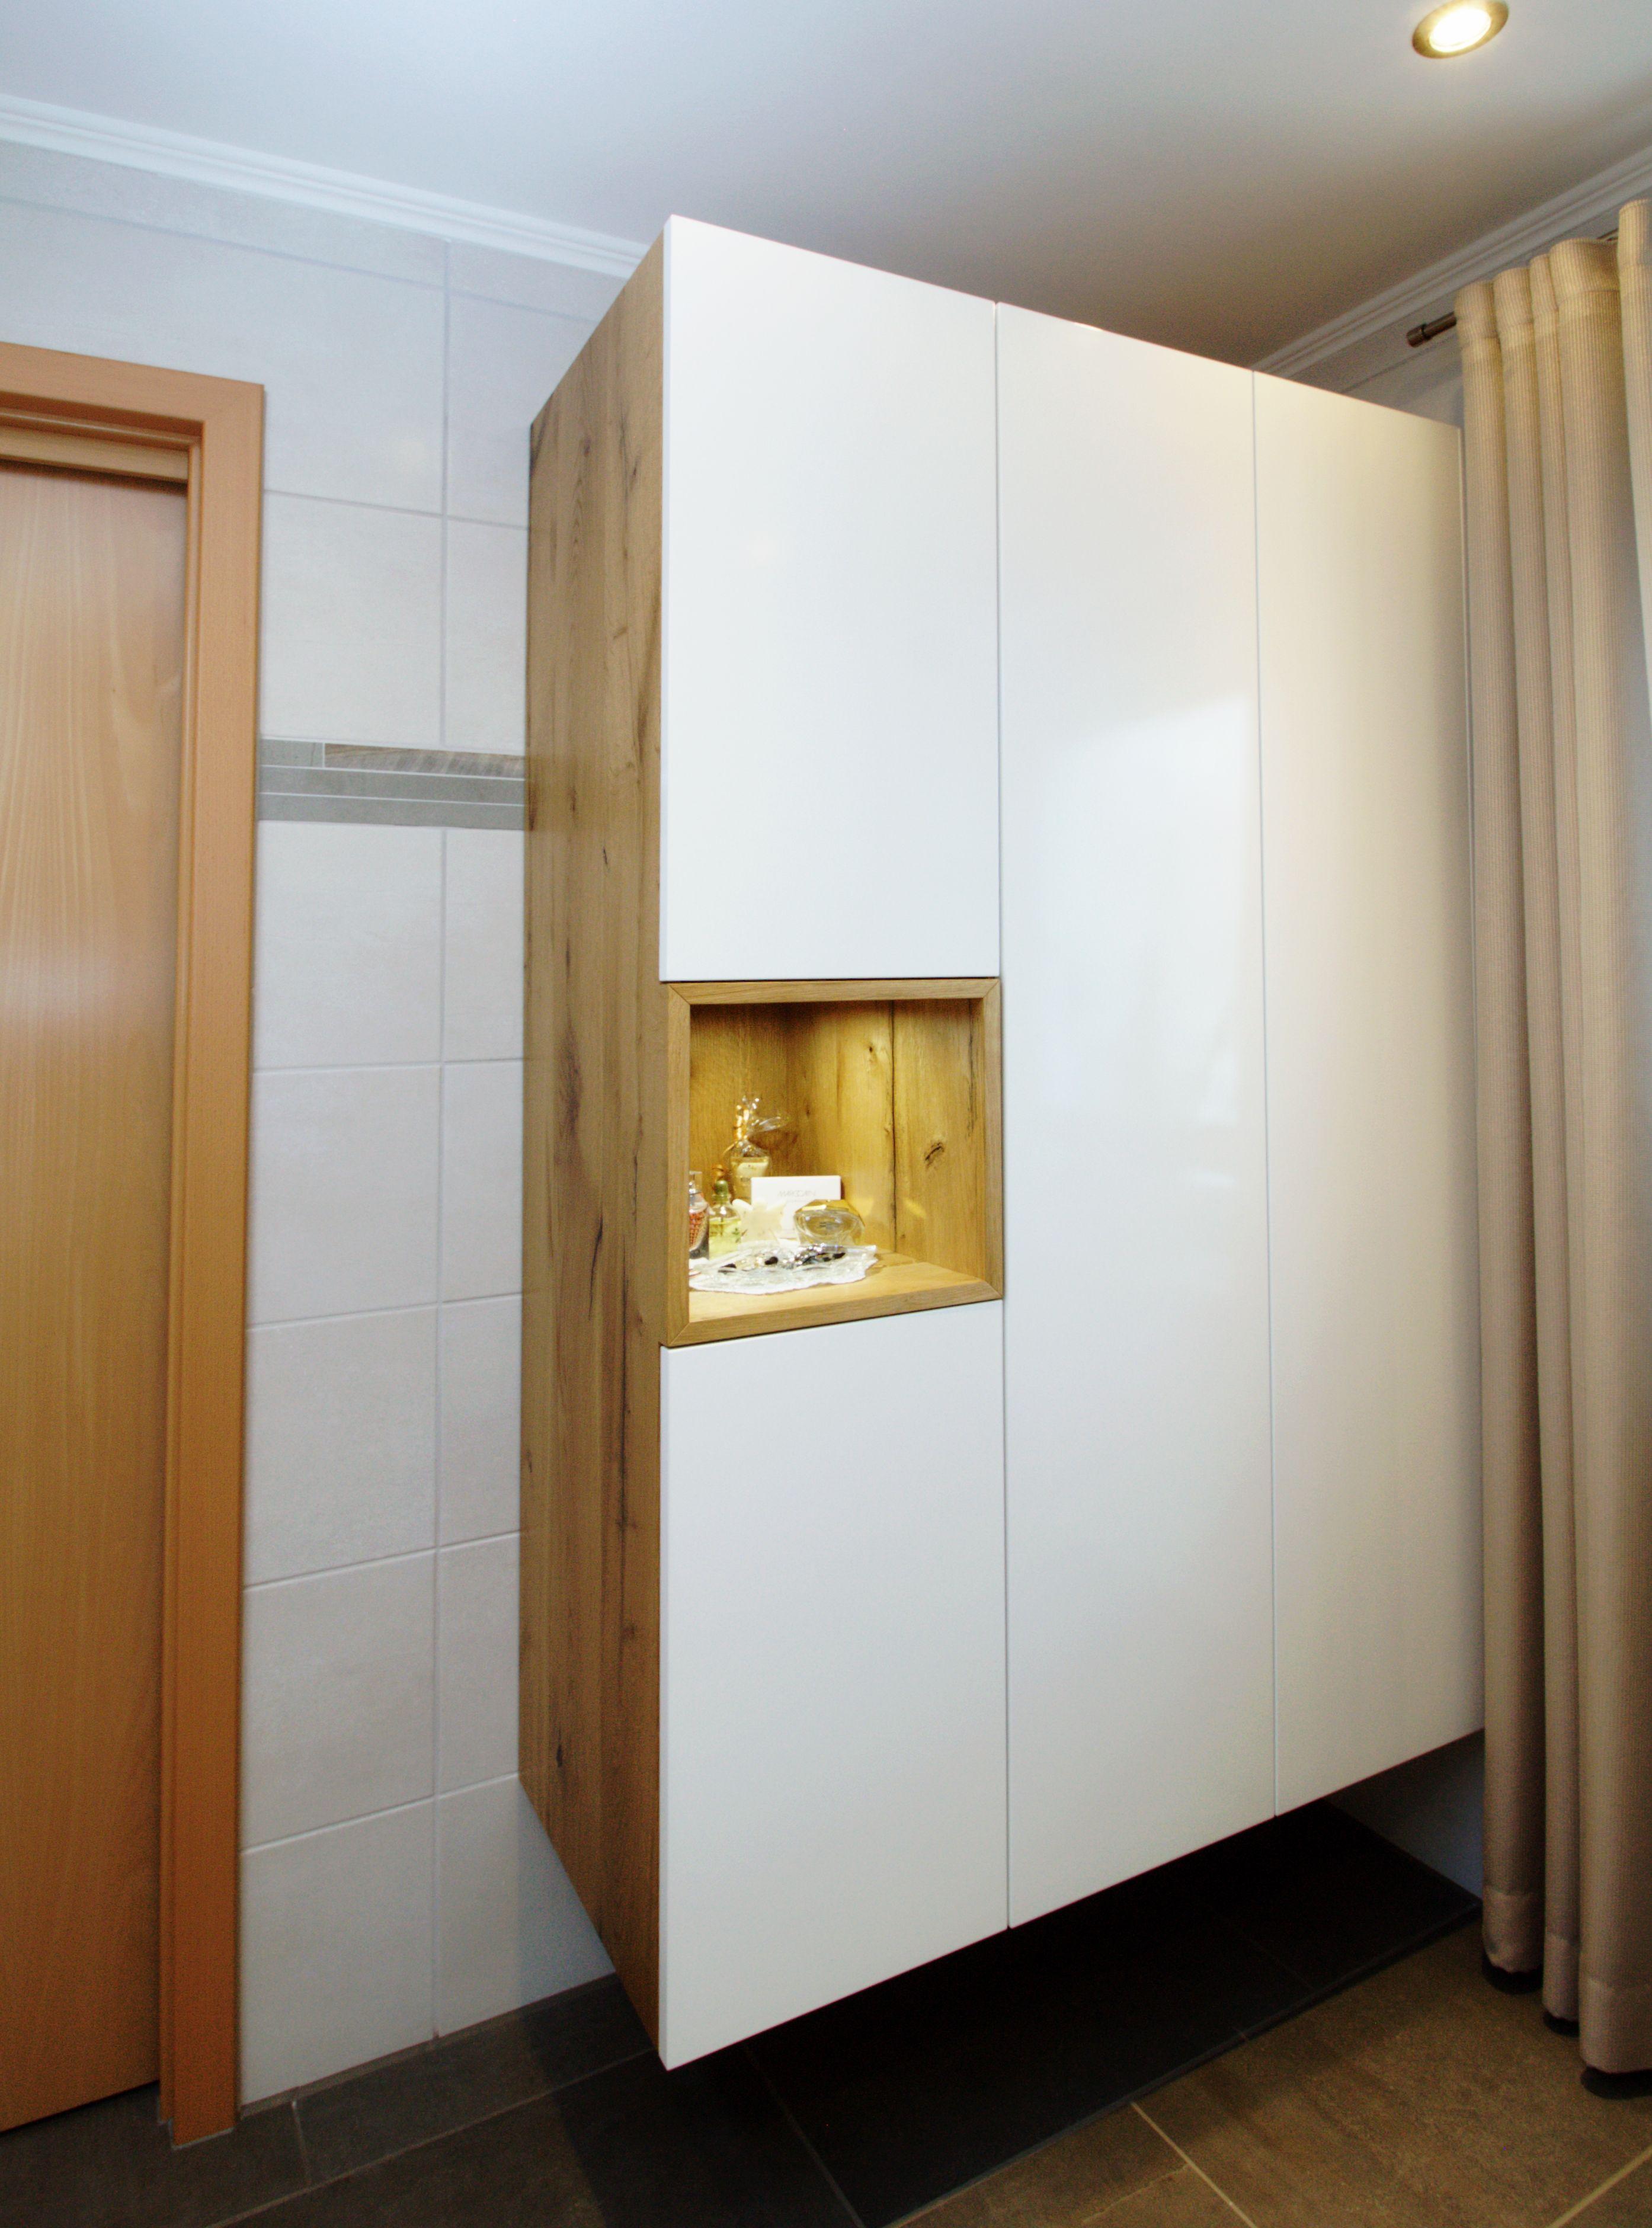 Badschrank Holz Und Weiß Nische Mit Led Beleuchtung